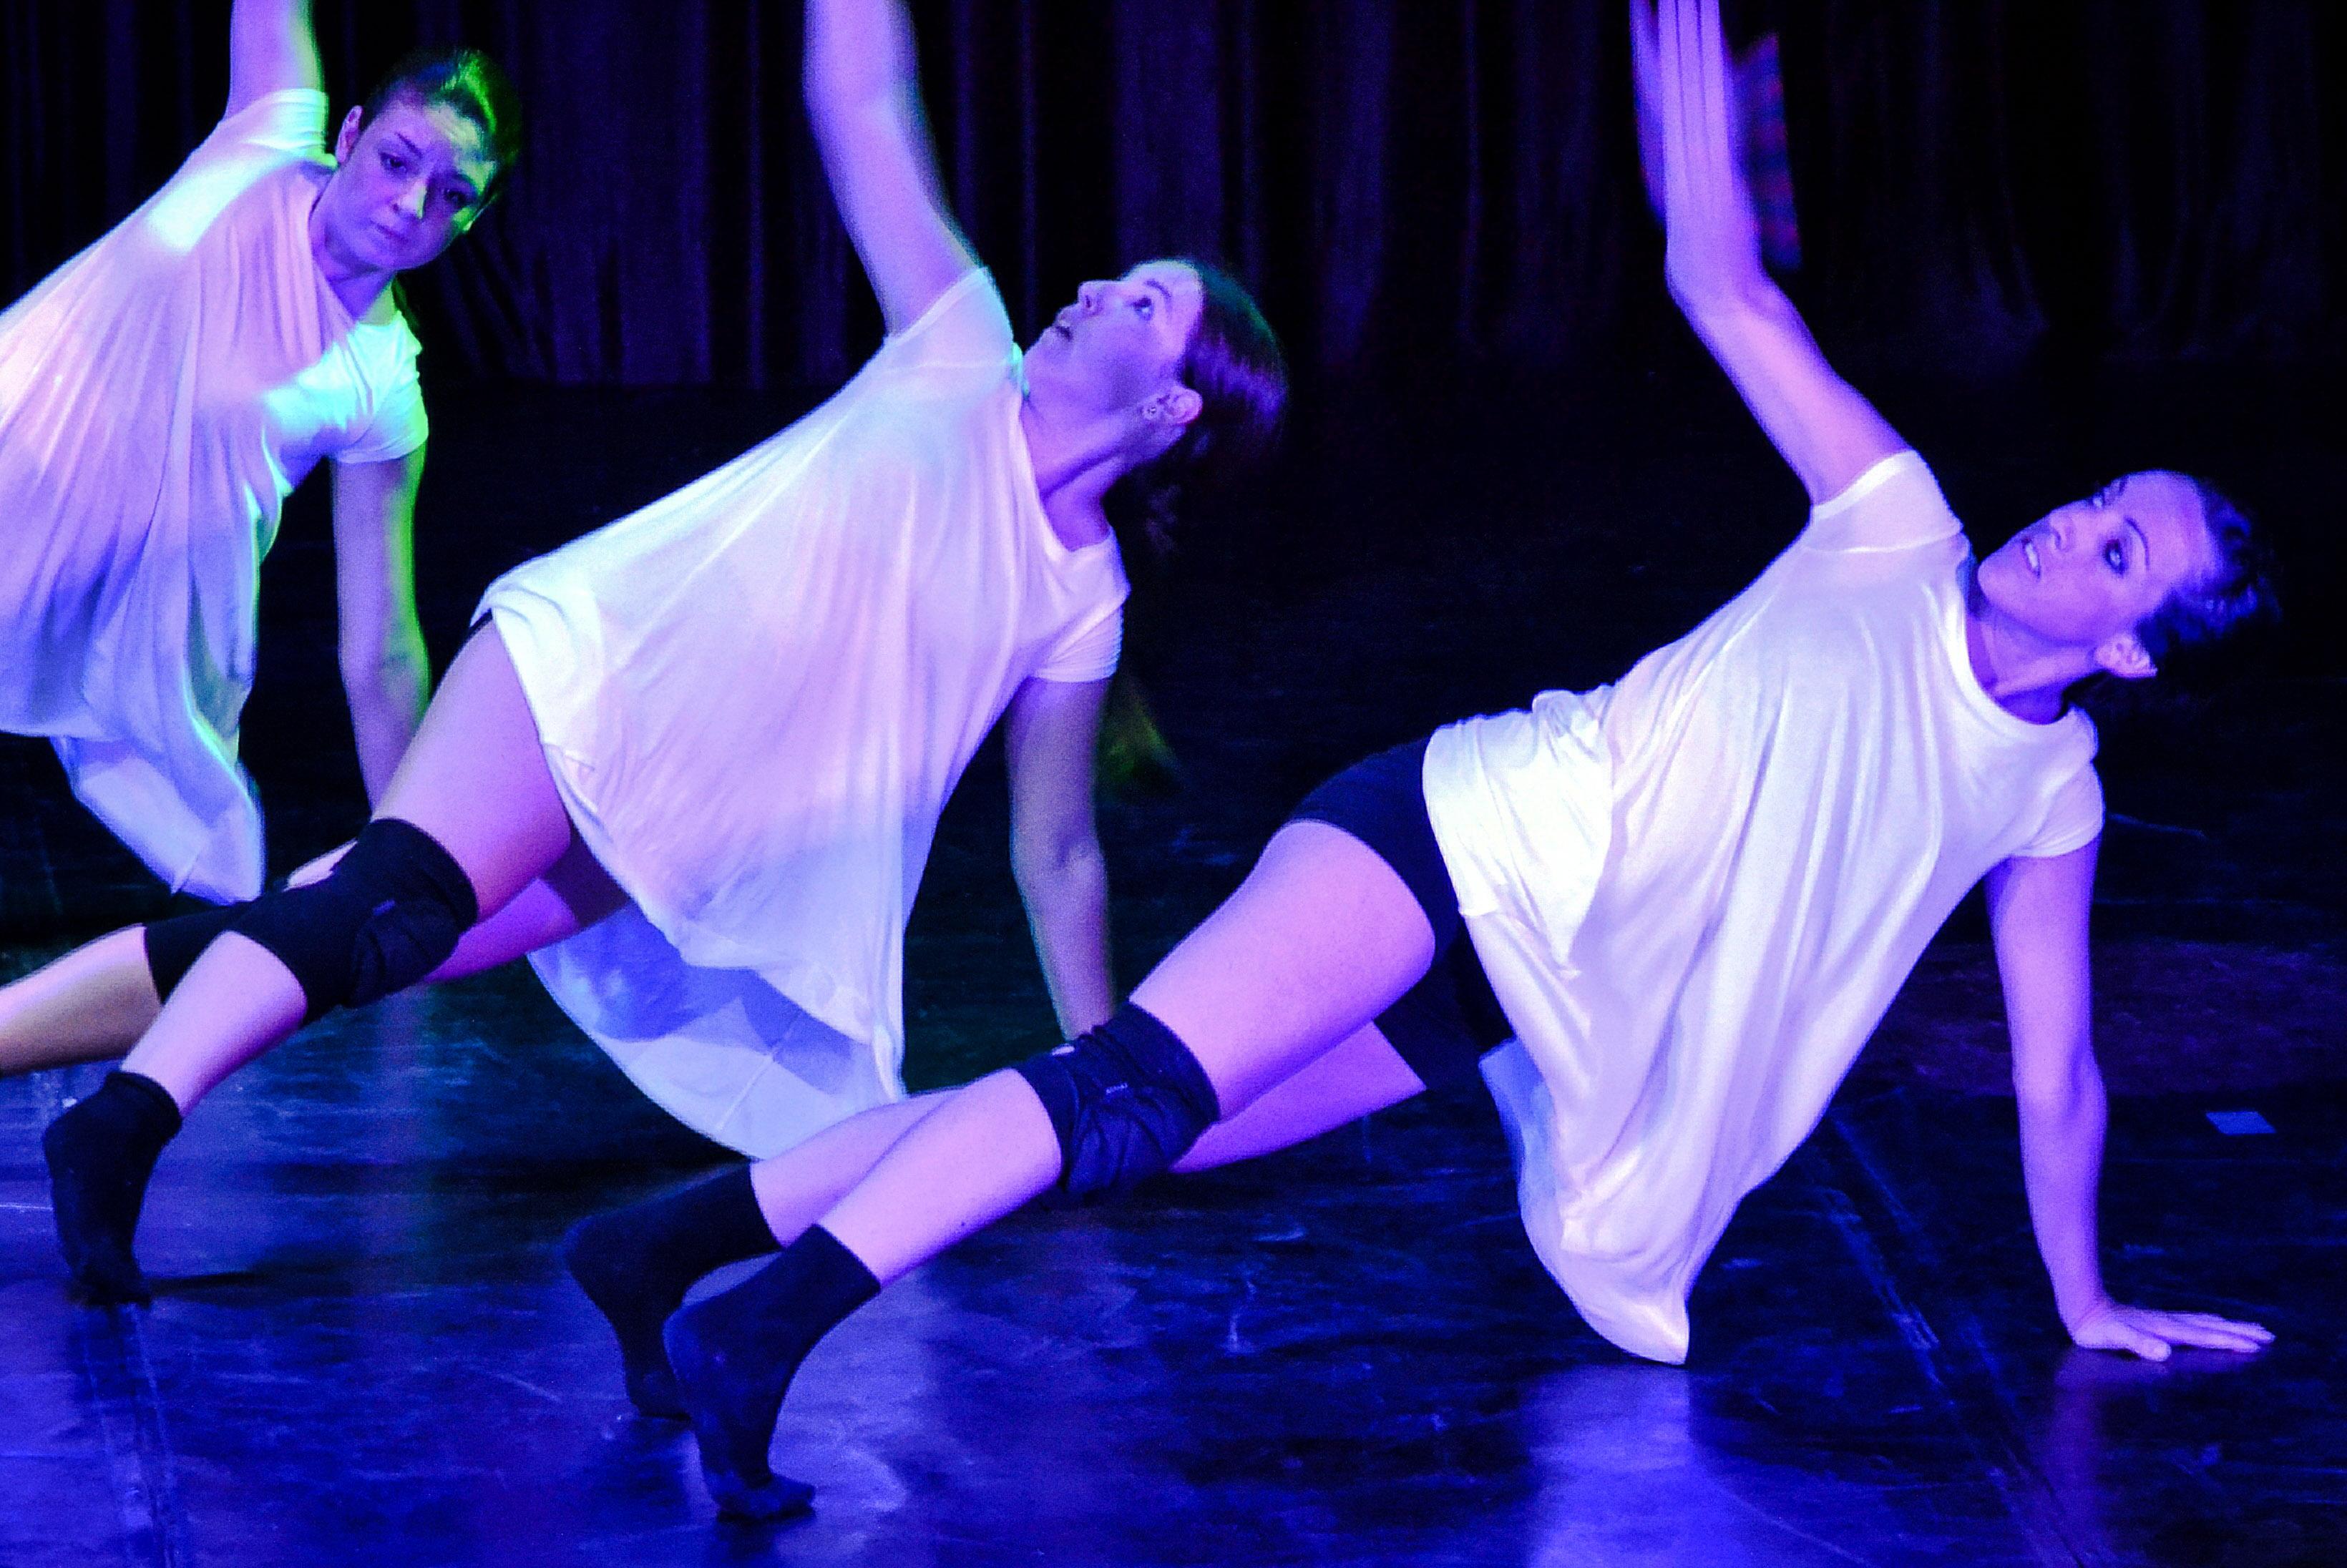 Linea-de-Baile-festival-verano-2015-clases-de-baile-valencia-169